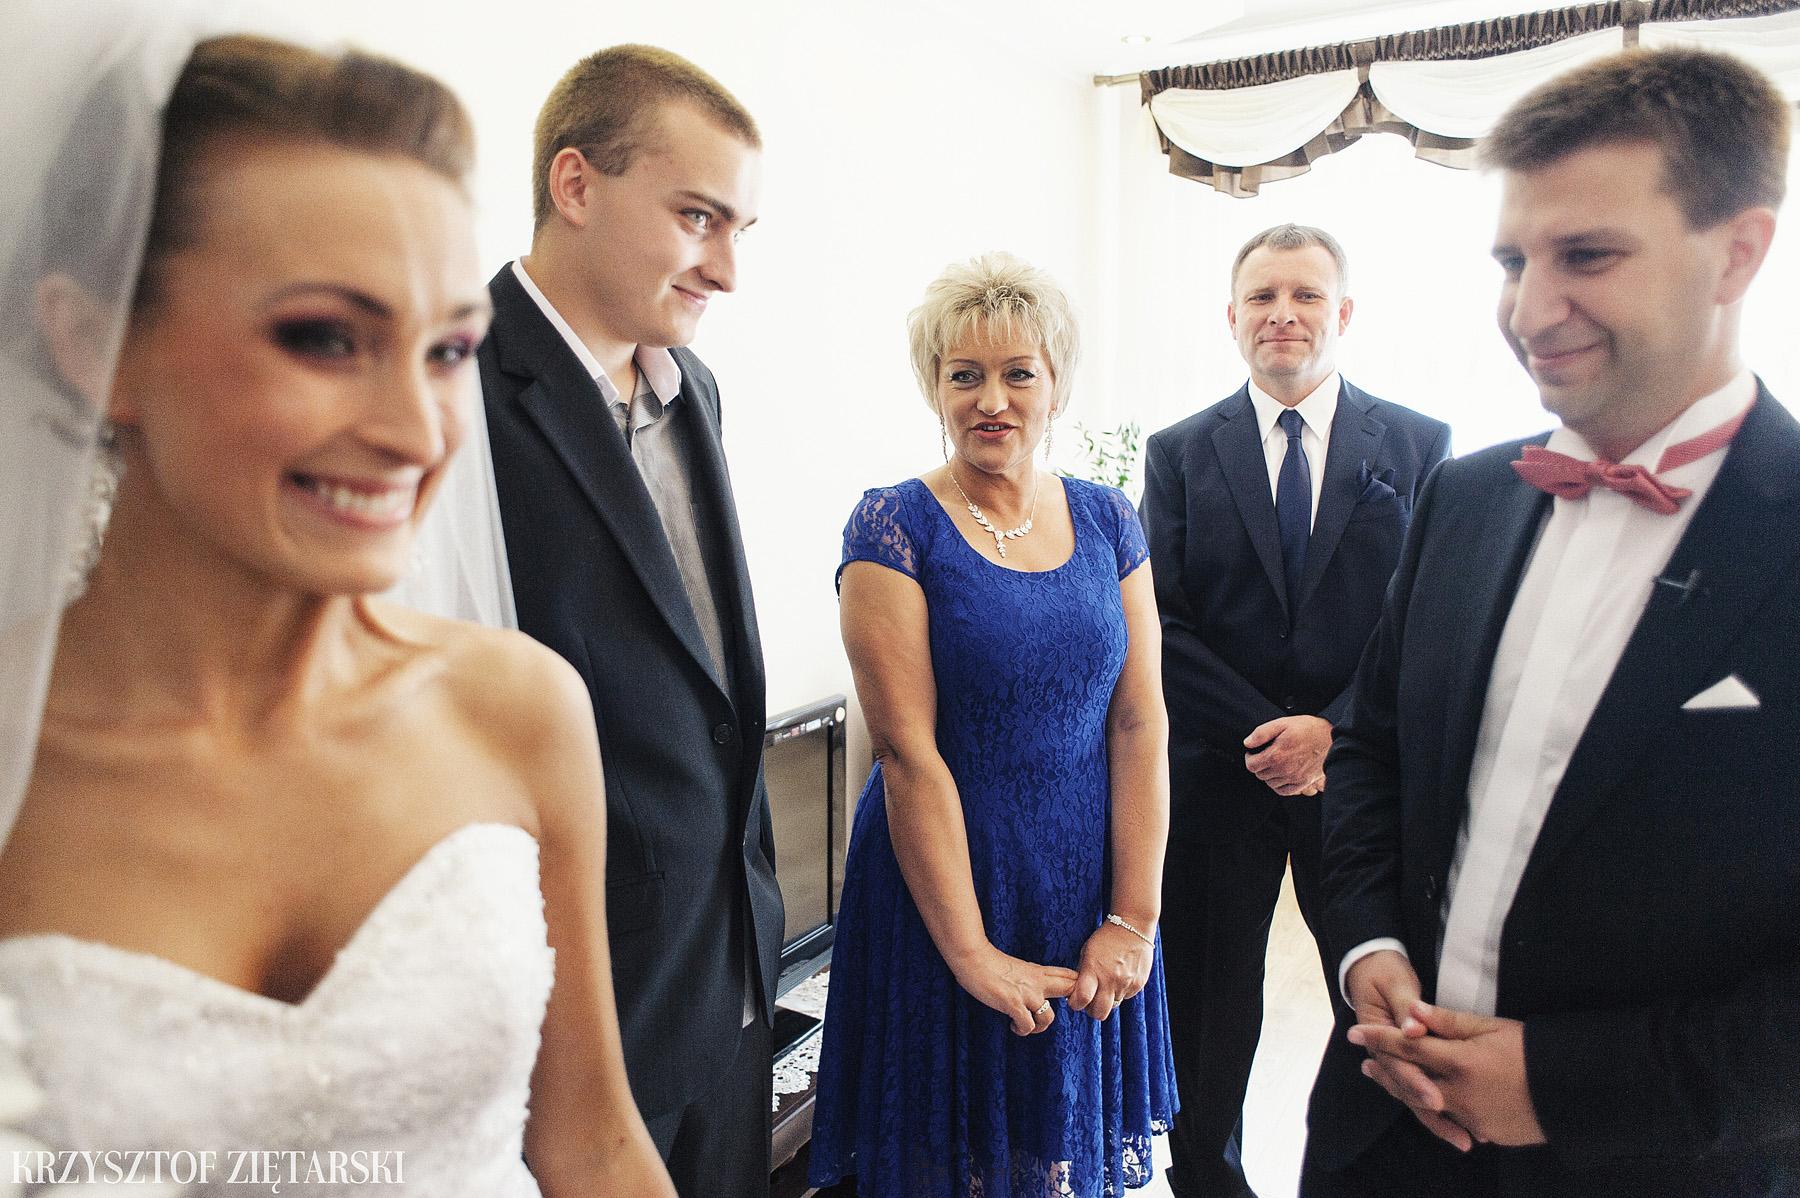 Karolina i Jacek - Fotografia ślubna Gdańsk, Chwaszczyno, Gościniec dla Przyjaciół Wyczechowo Hilary - 4.